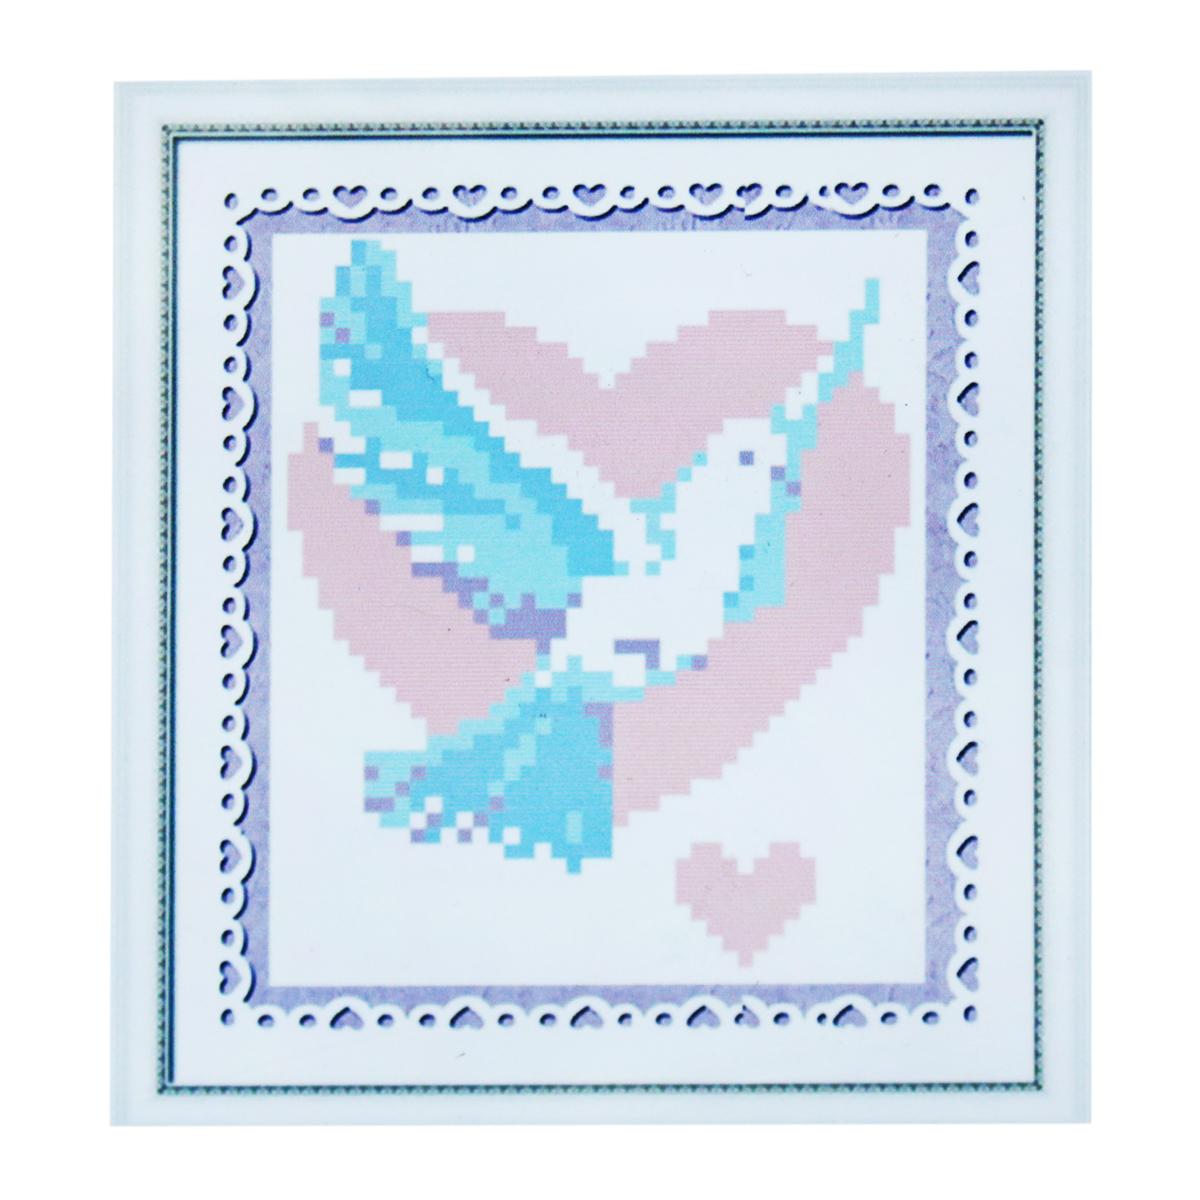 Набор для изготовления картины со стразами Cristal, 13 х 15 см7714744